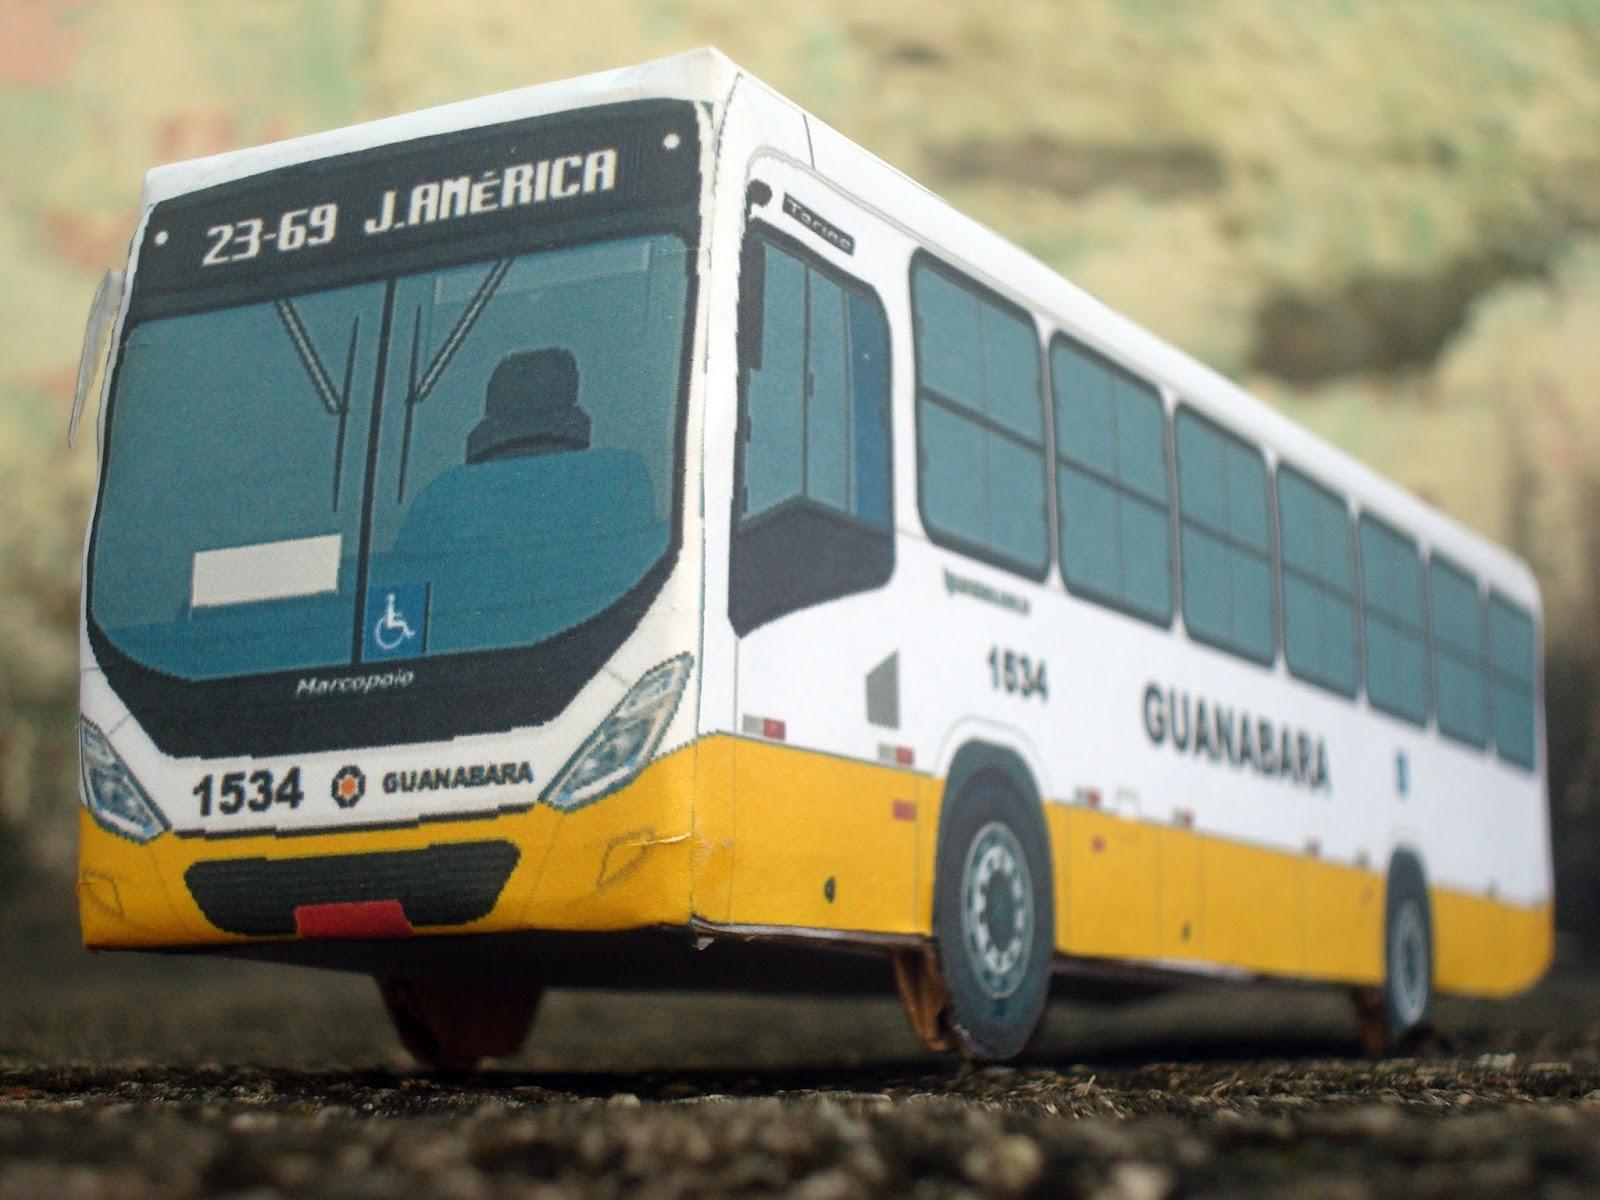 Transportes Guanabara 1534 e os Parabéns aos 07 Anos do Busão de Natal